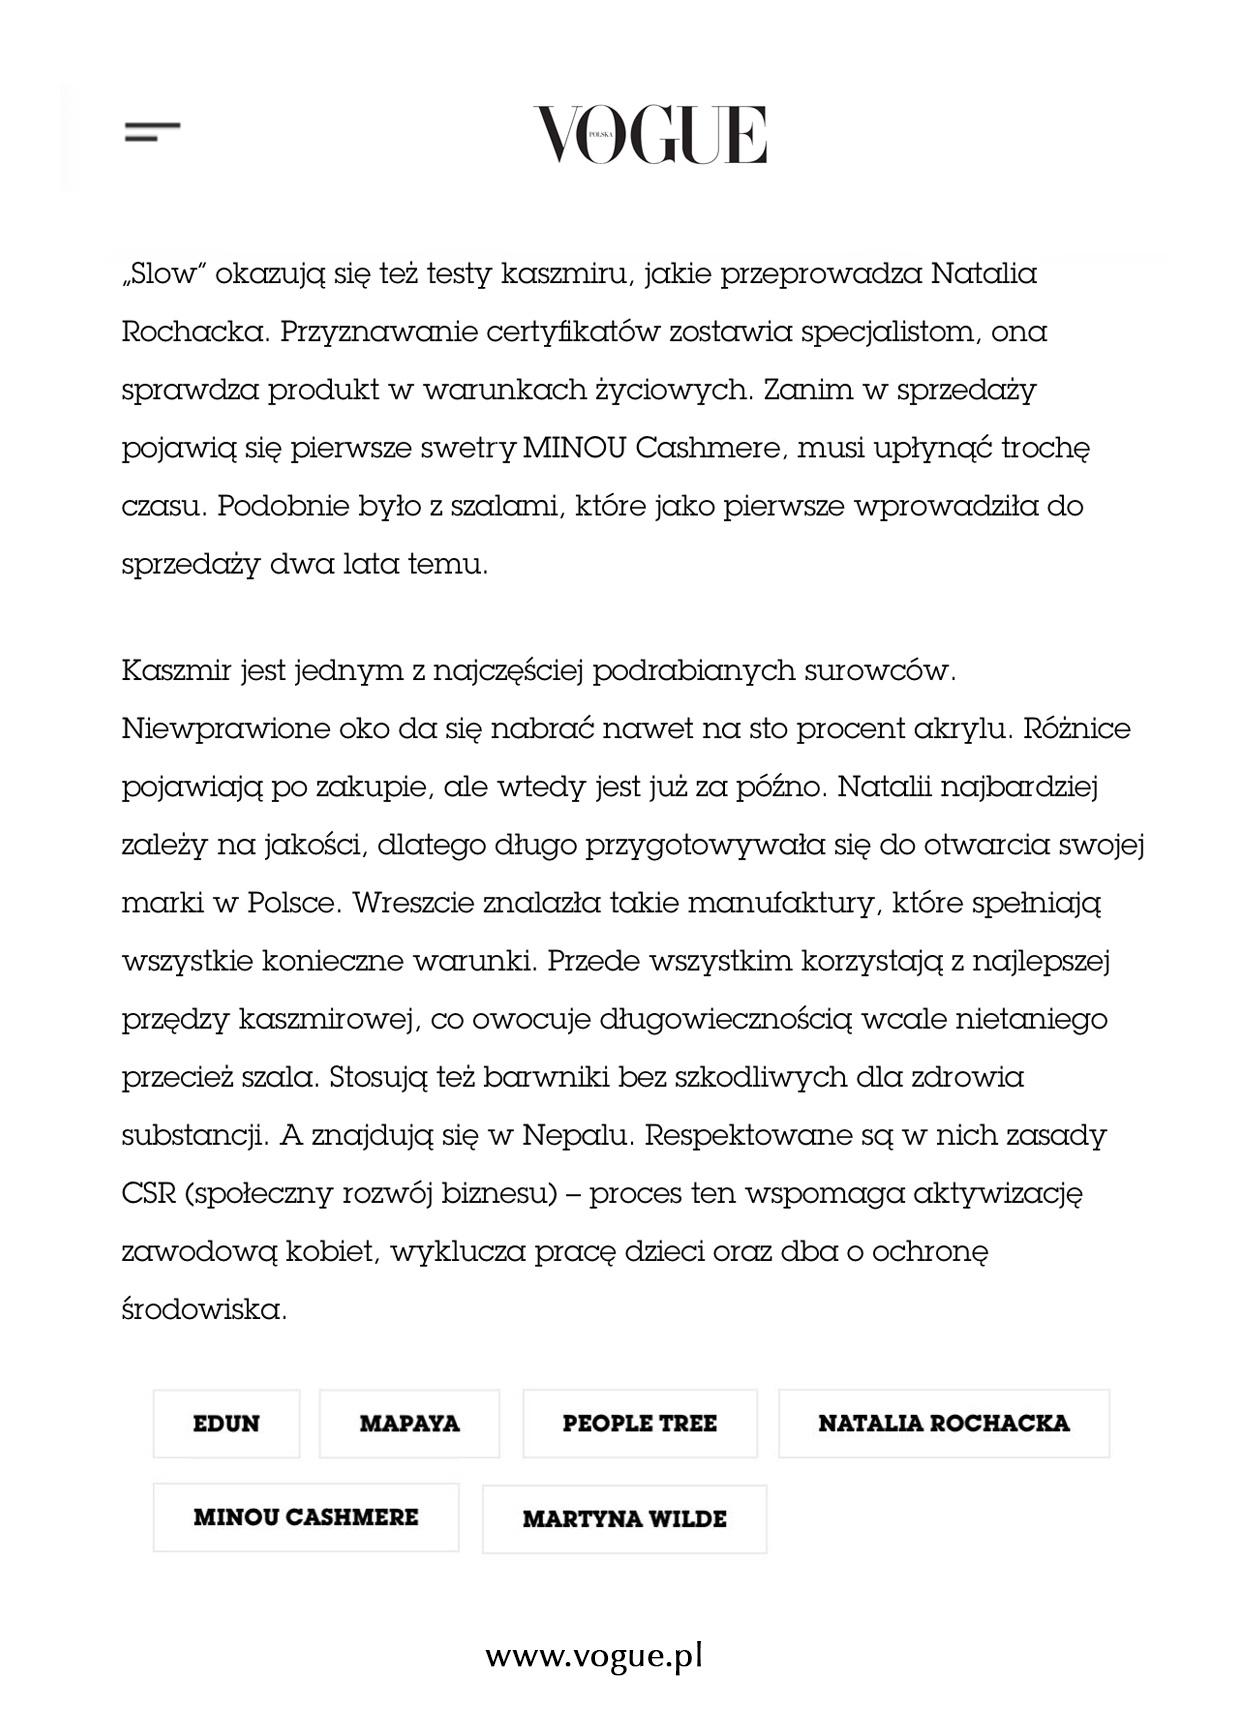 Vogue.pl